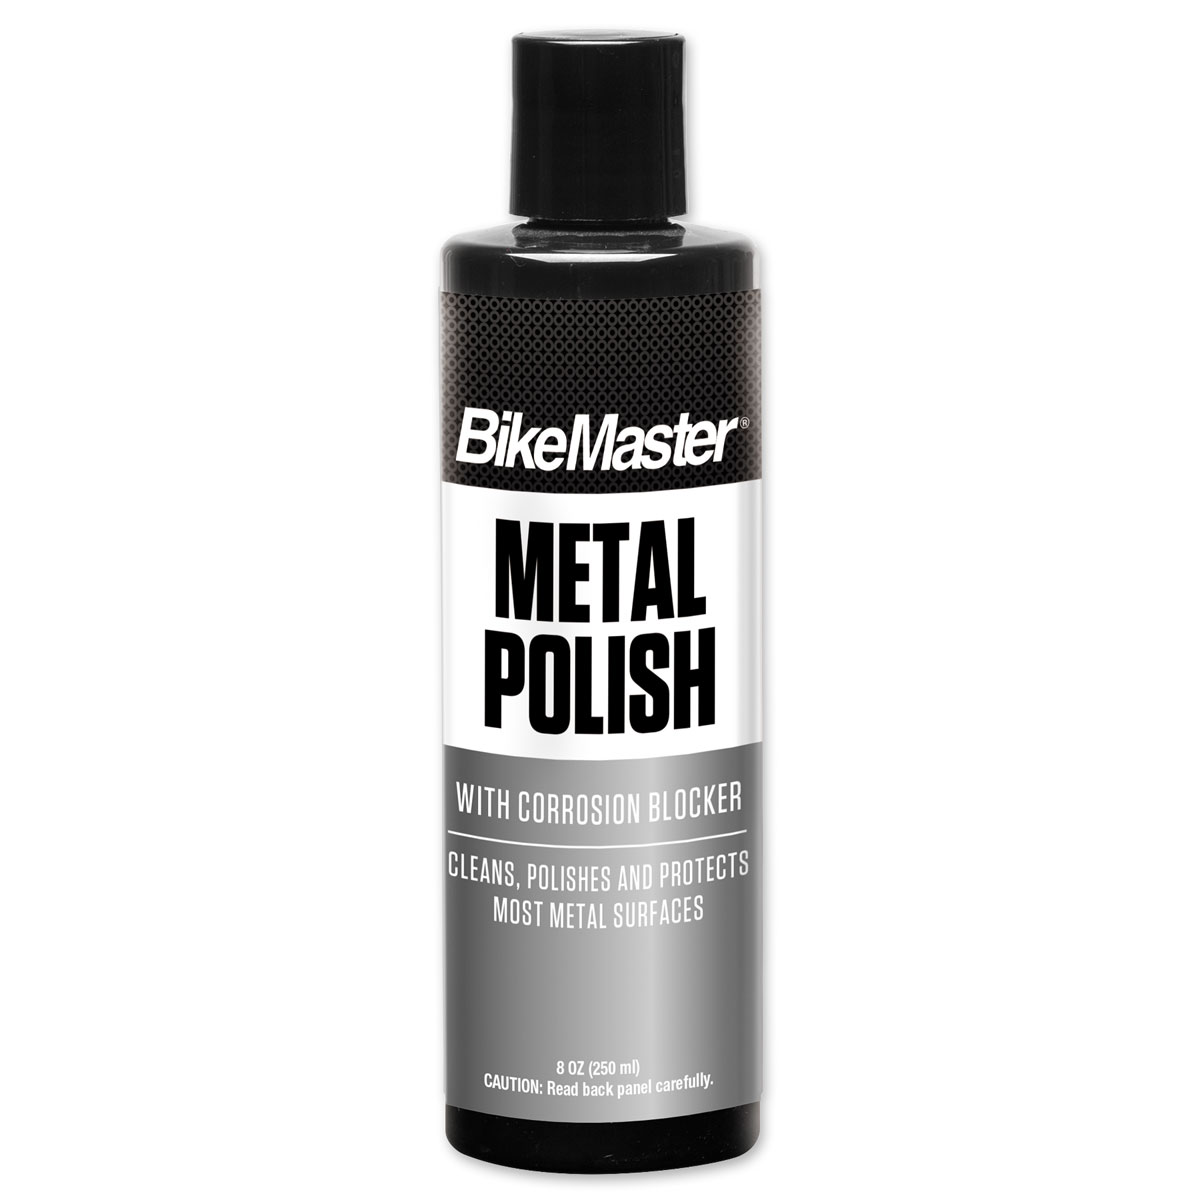 BikeMaster Metal Polish